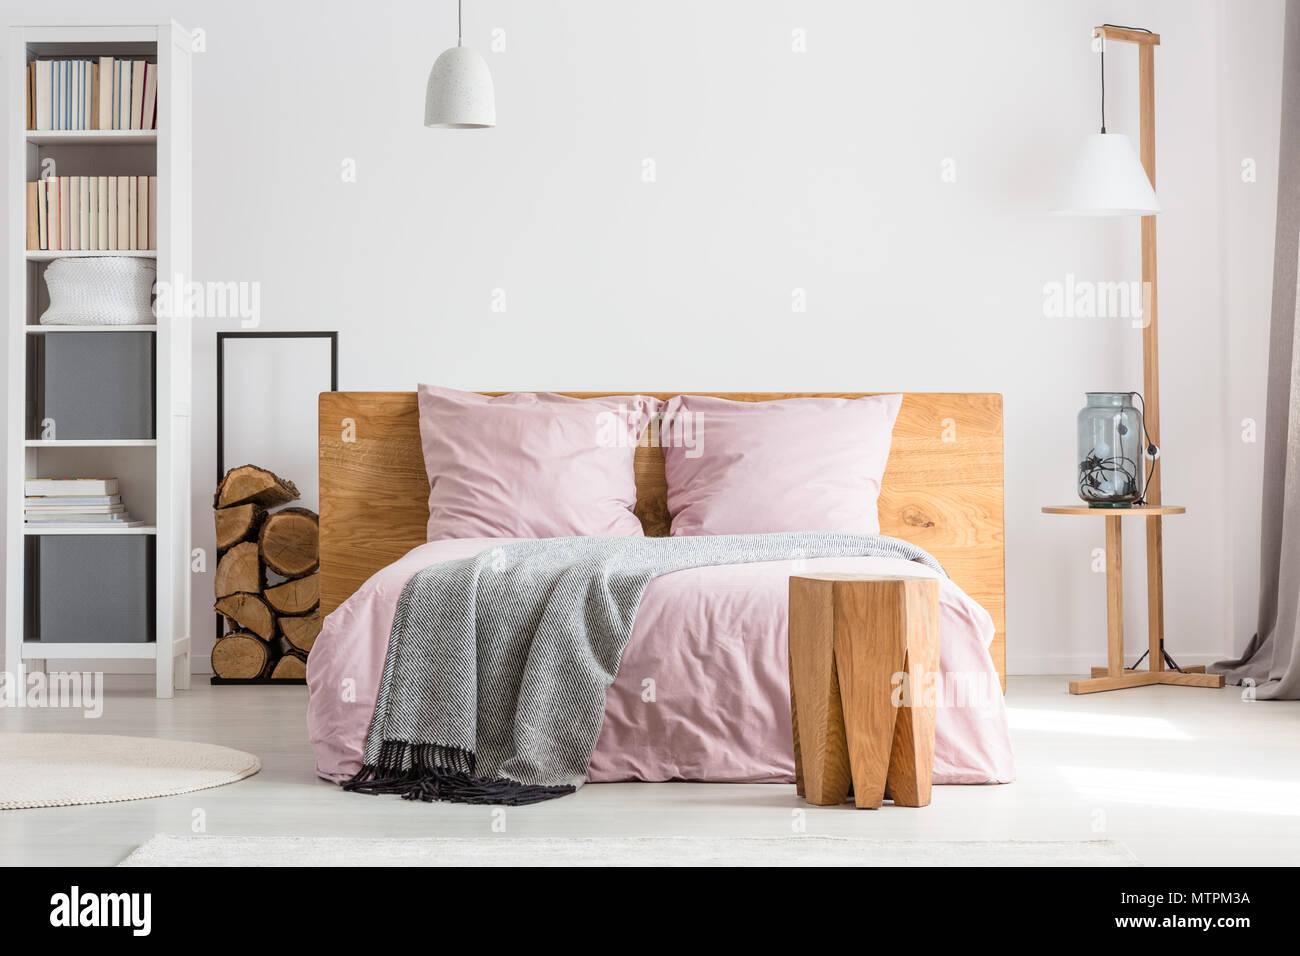 Pareti Rosa Camera Da Letto : Decor in legno camera da letto spaziosa con una lettiera rosa e